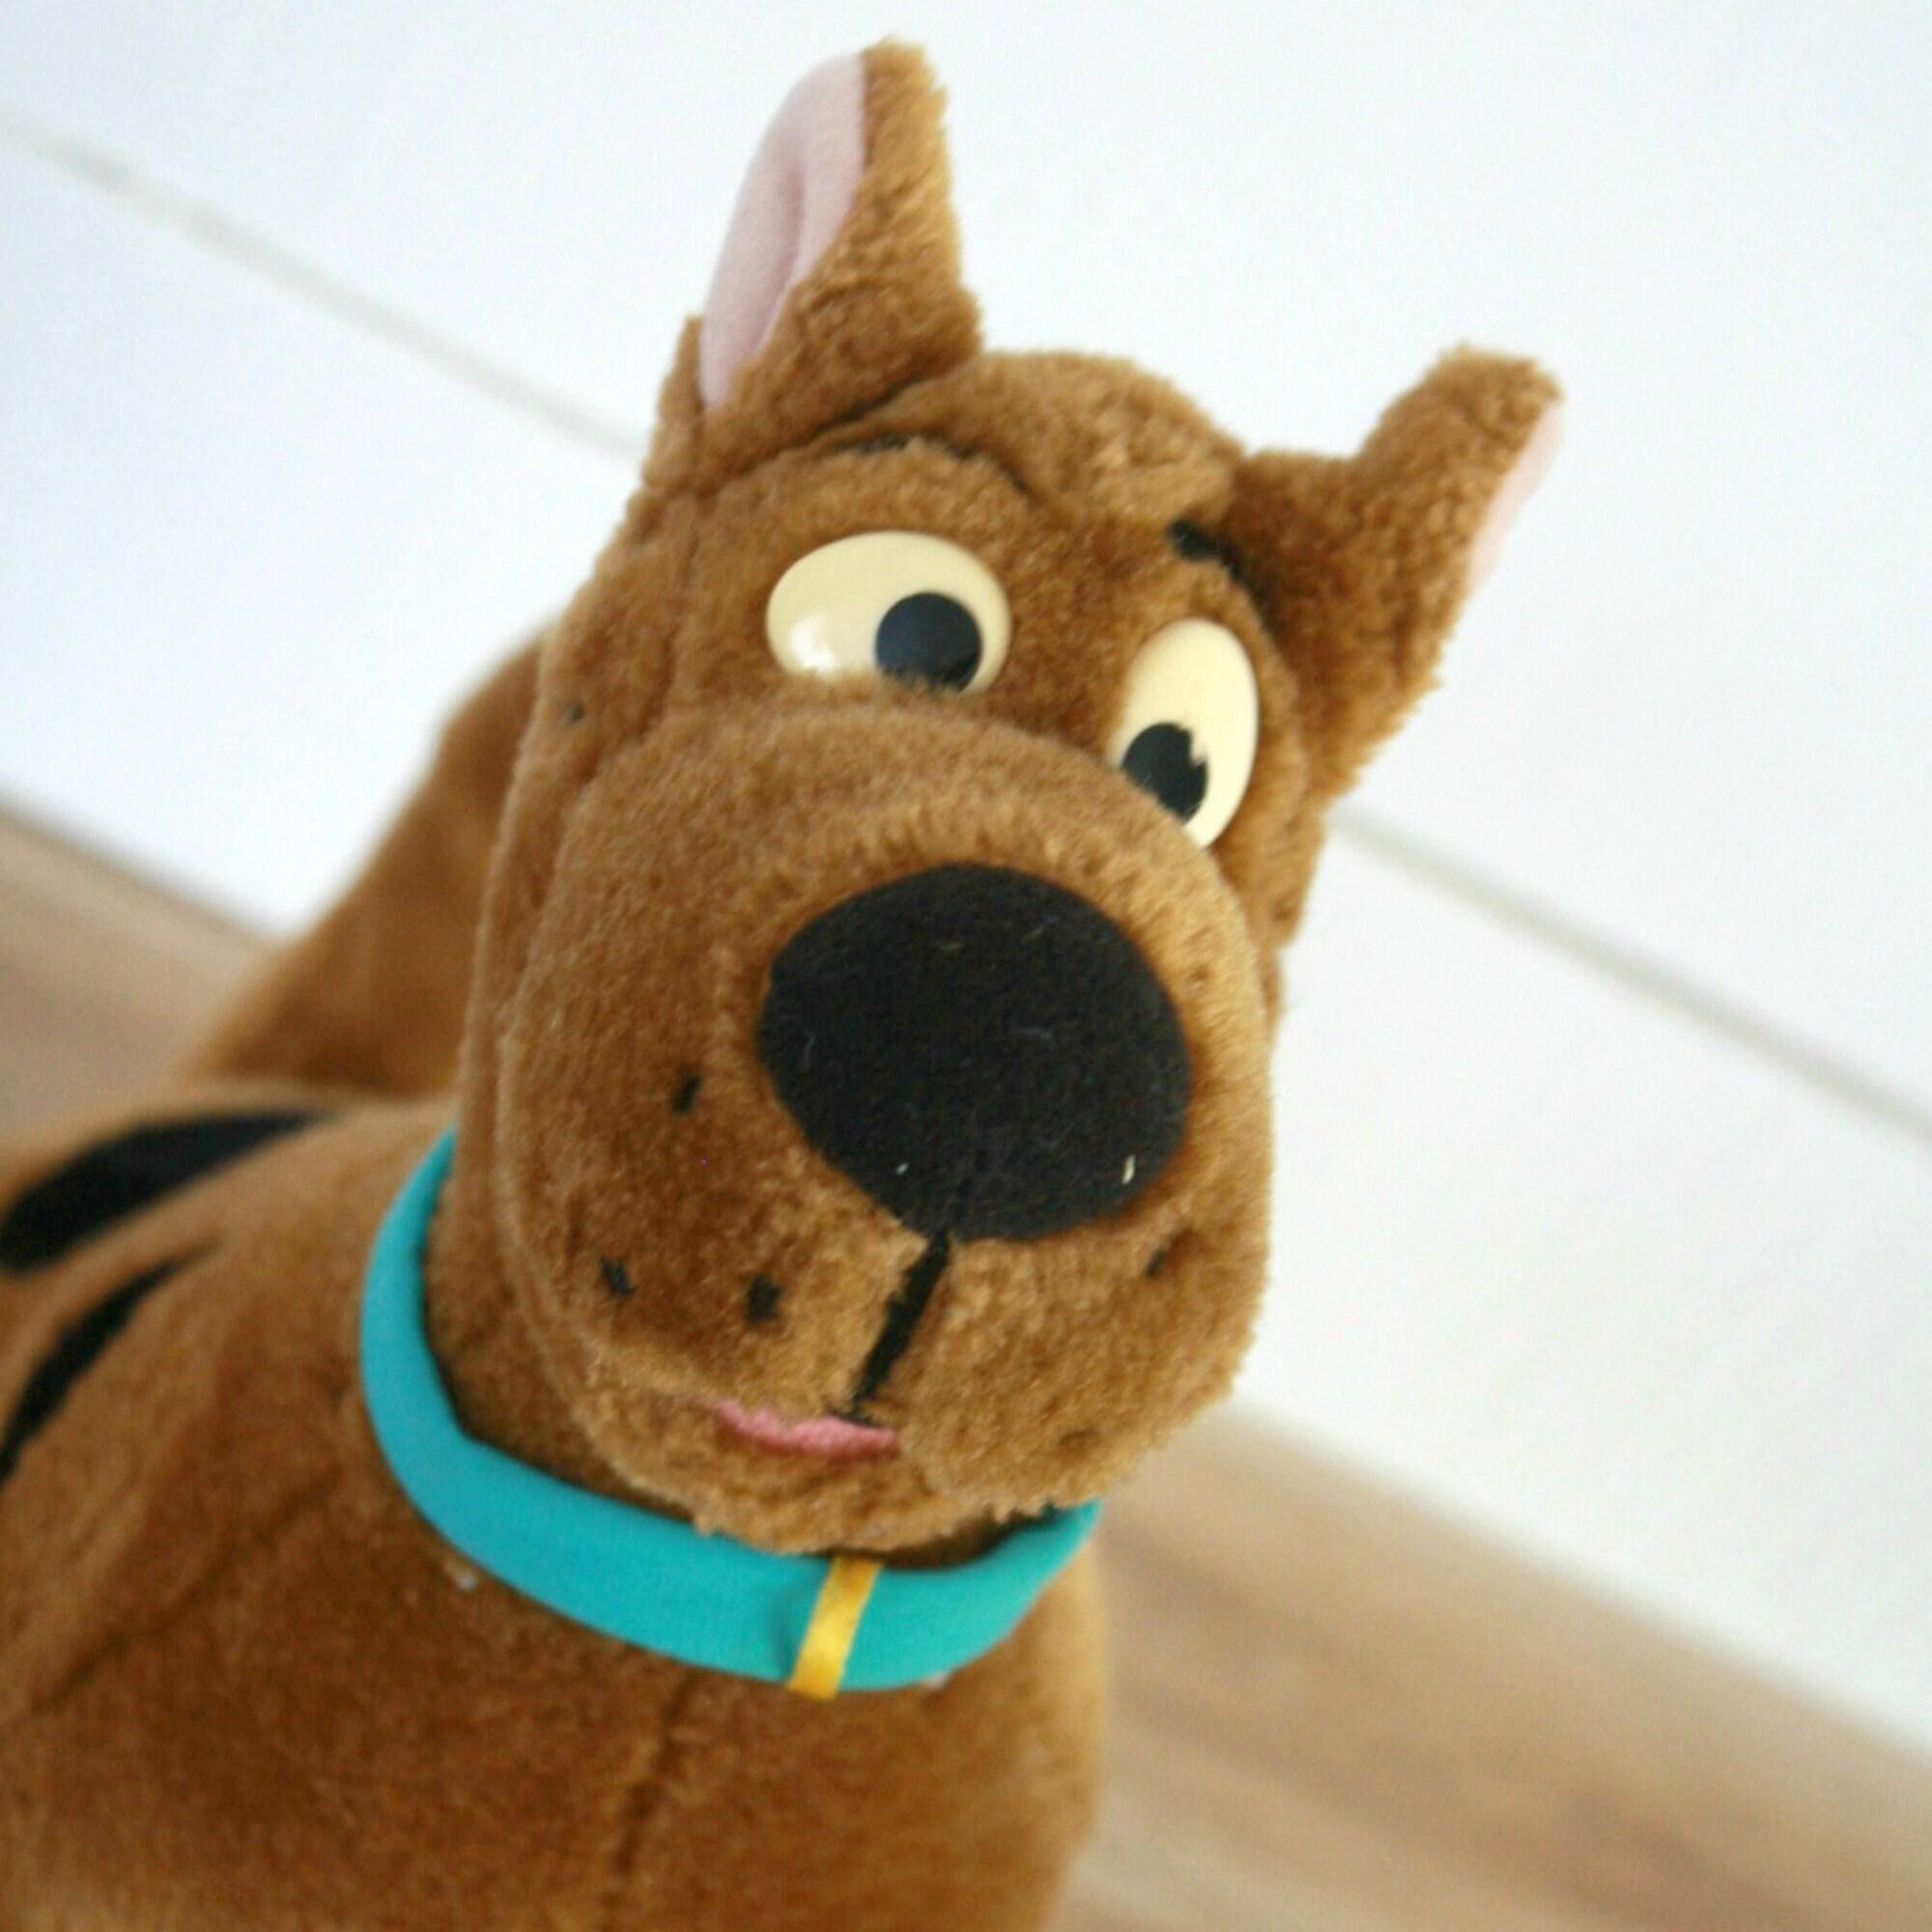 Peluche scooby doo 1990 chien peluche jouet scooby doo etsy - Jouets scooby doo ...